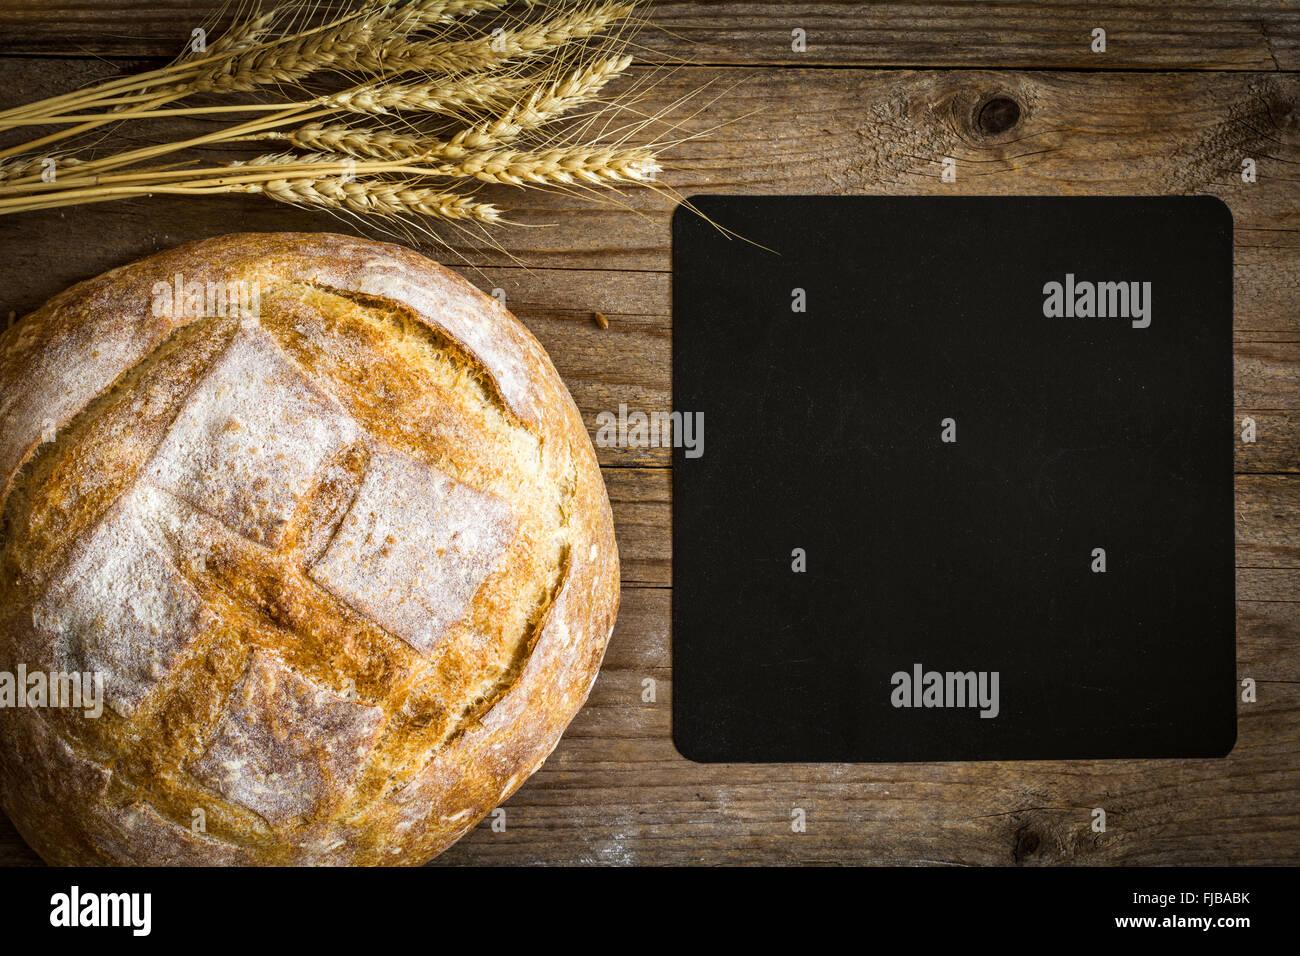 Lavagna, pagnotta di pane di grano e orecchie su sfondo di legno, vista aerea Immagini Stock